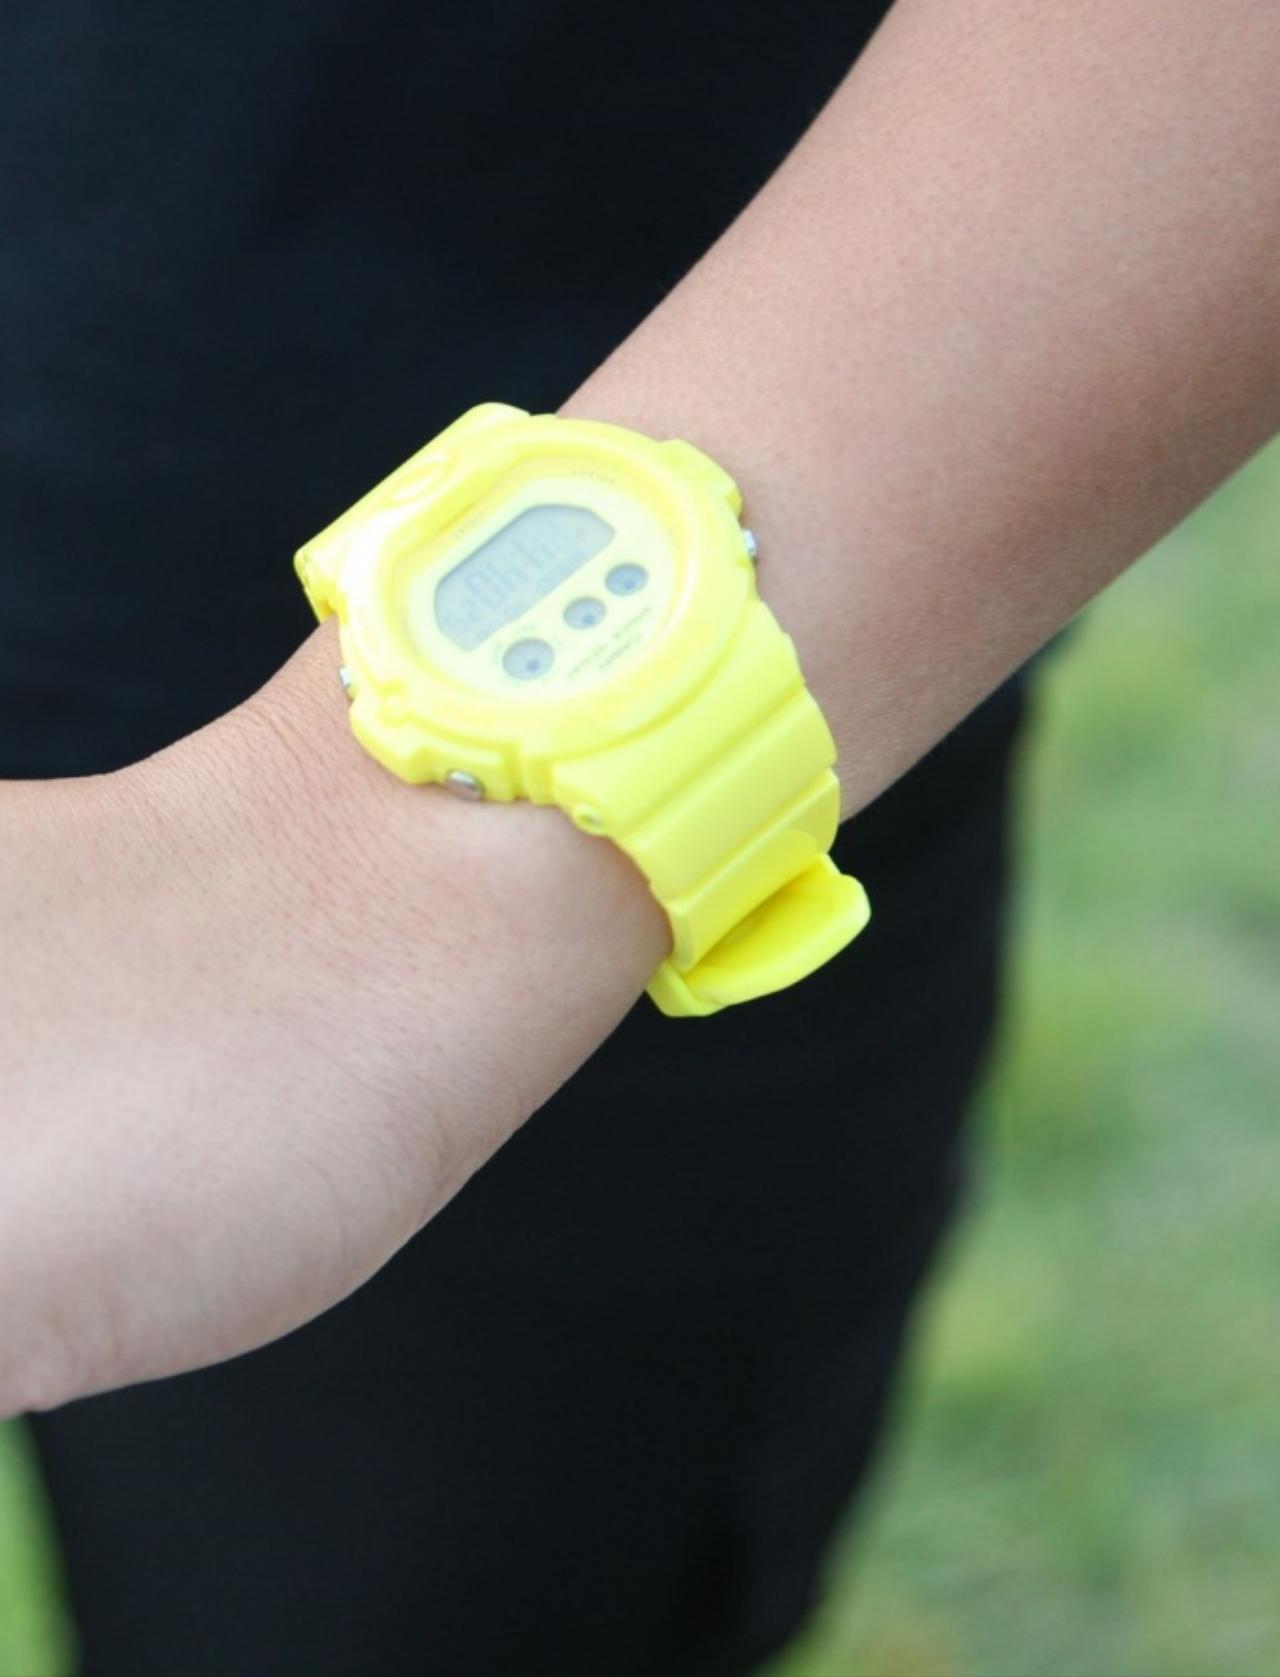 画像: 「勝負カラーは白・黒・黄色なんです。ウェアにないときは時計とか、小物で合わせています。なんか明るくなるイメージなんですよ」